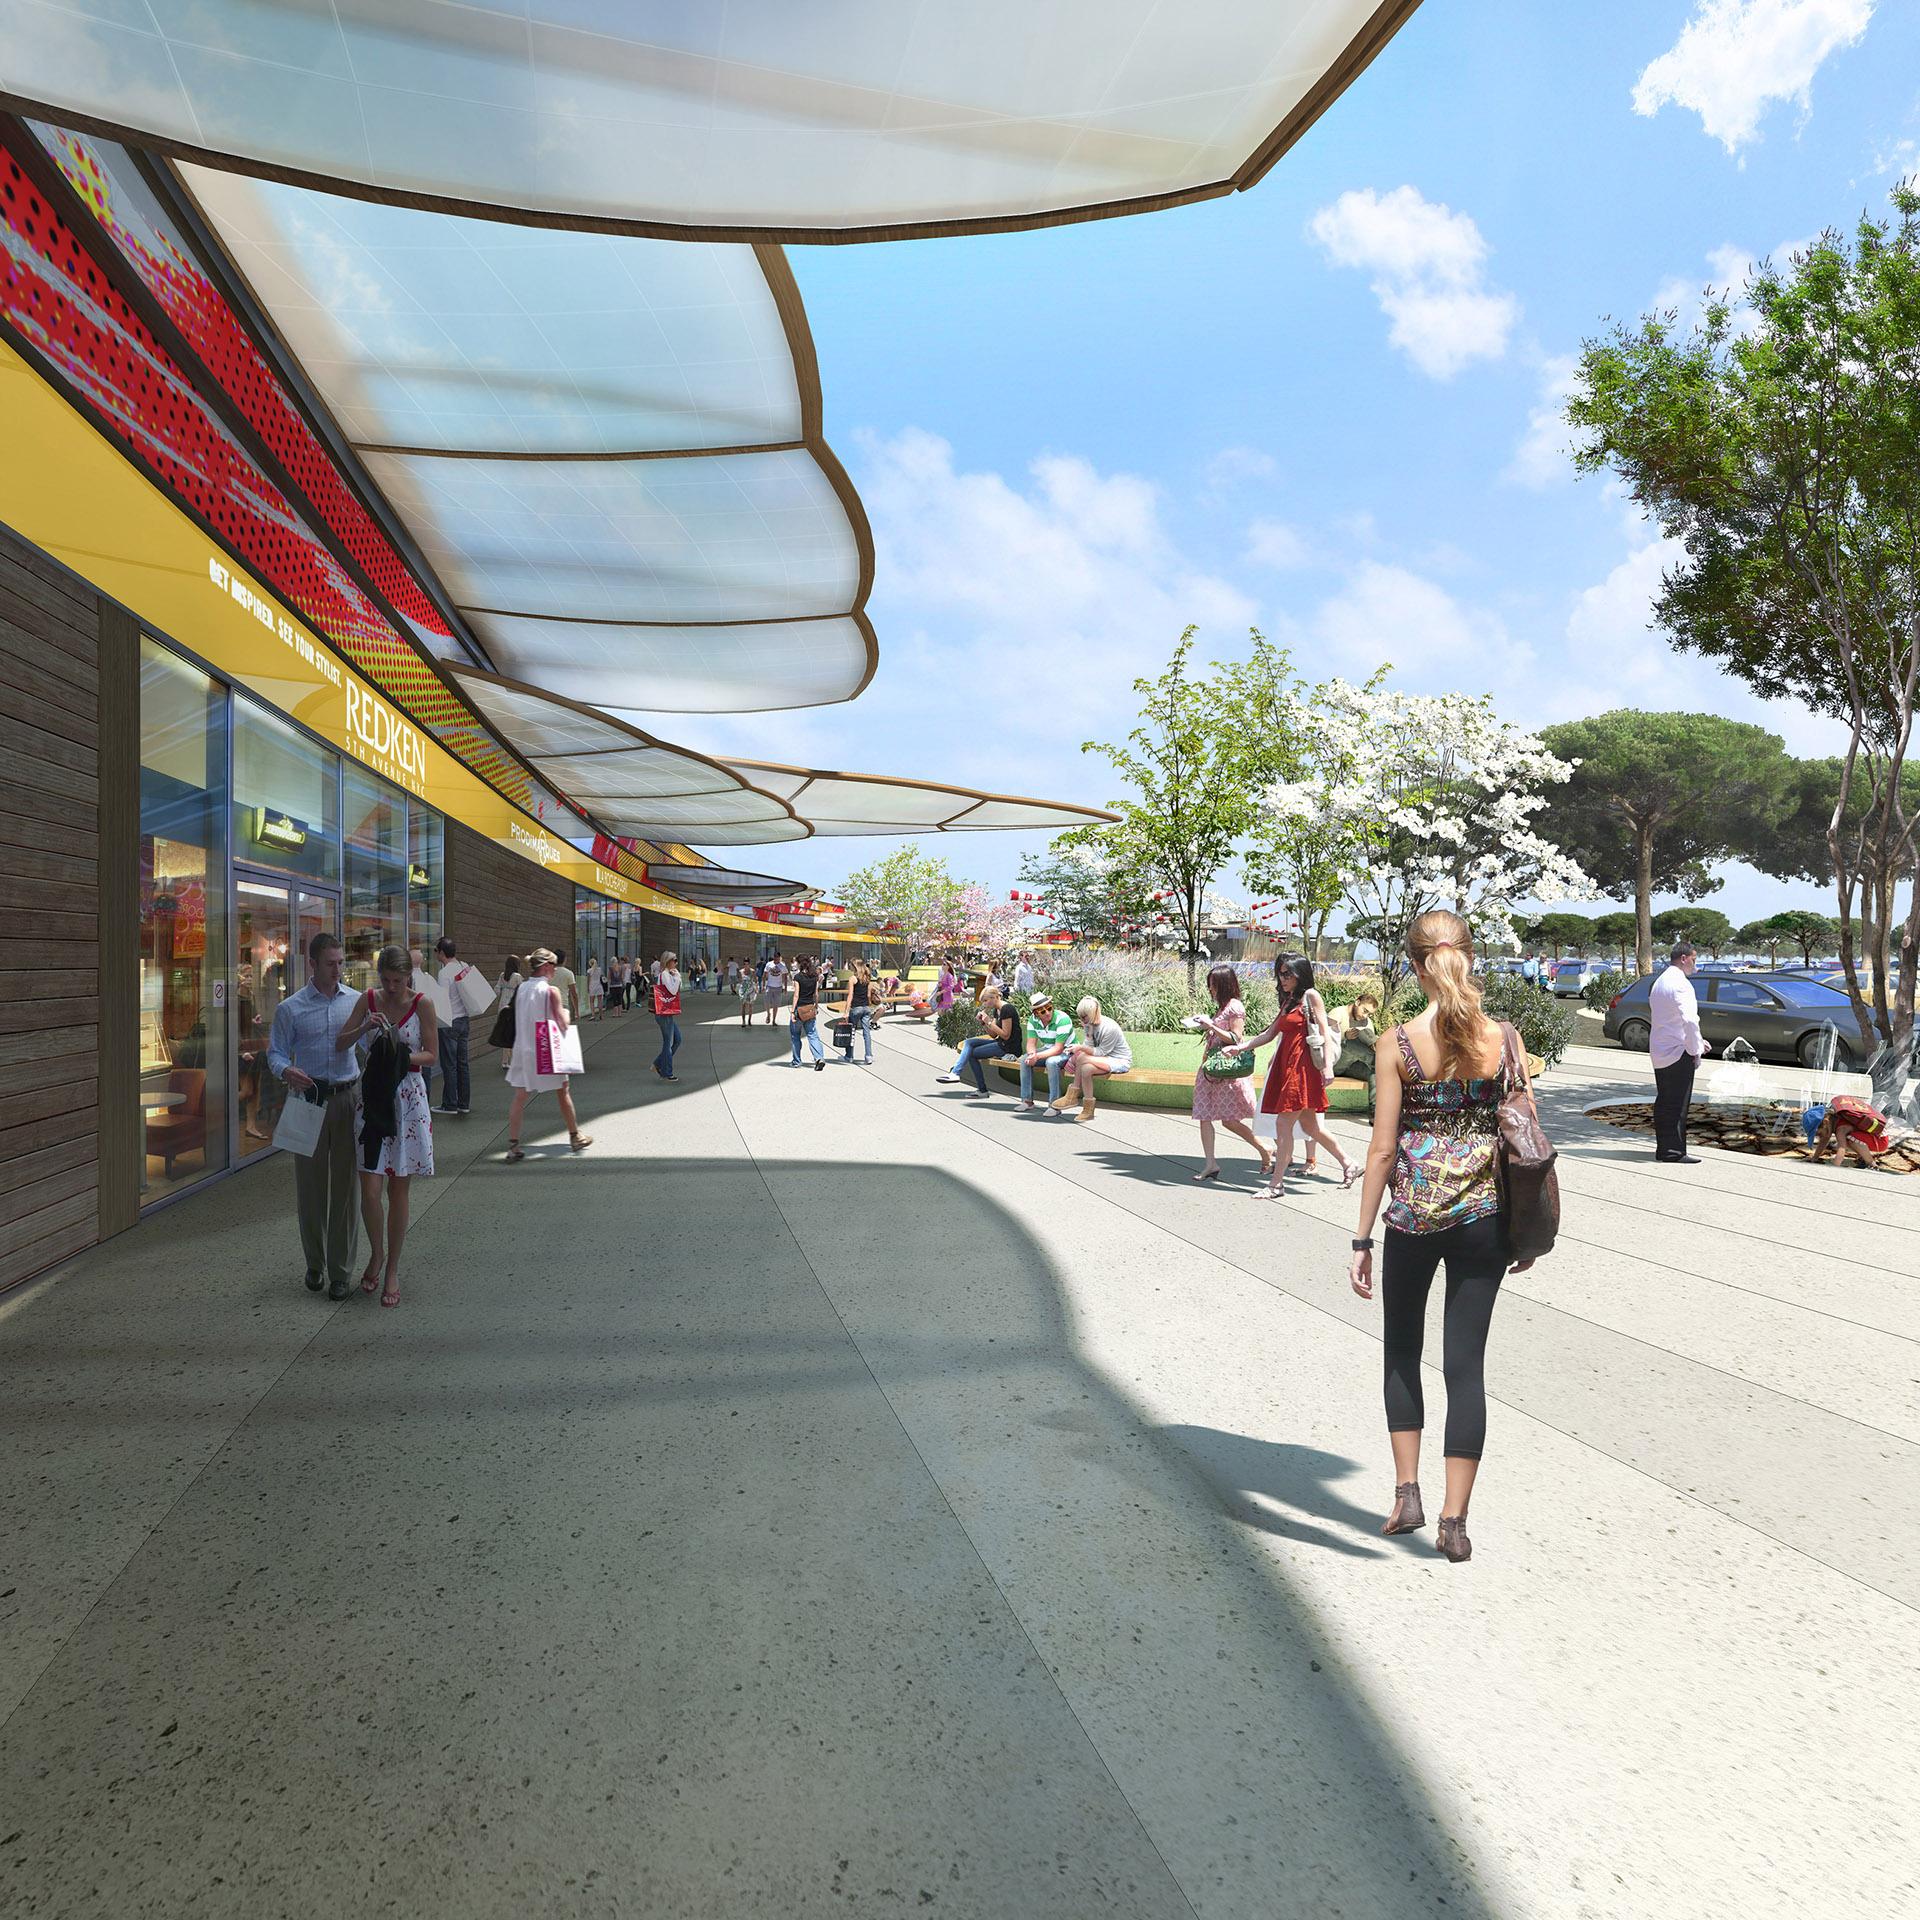 Image de communication - DGLA Architecture Urbanisme Design - Centre commercial Claira à Perpignan